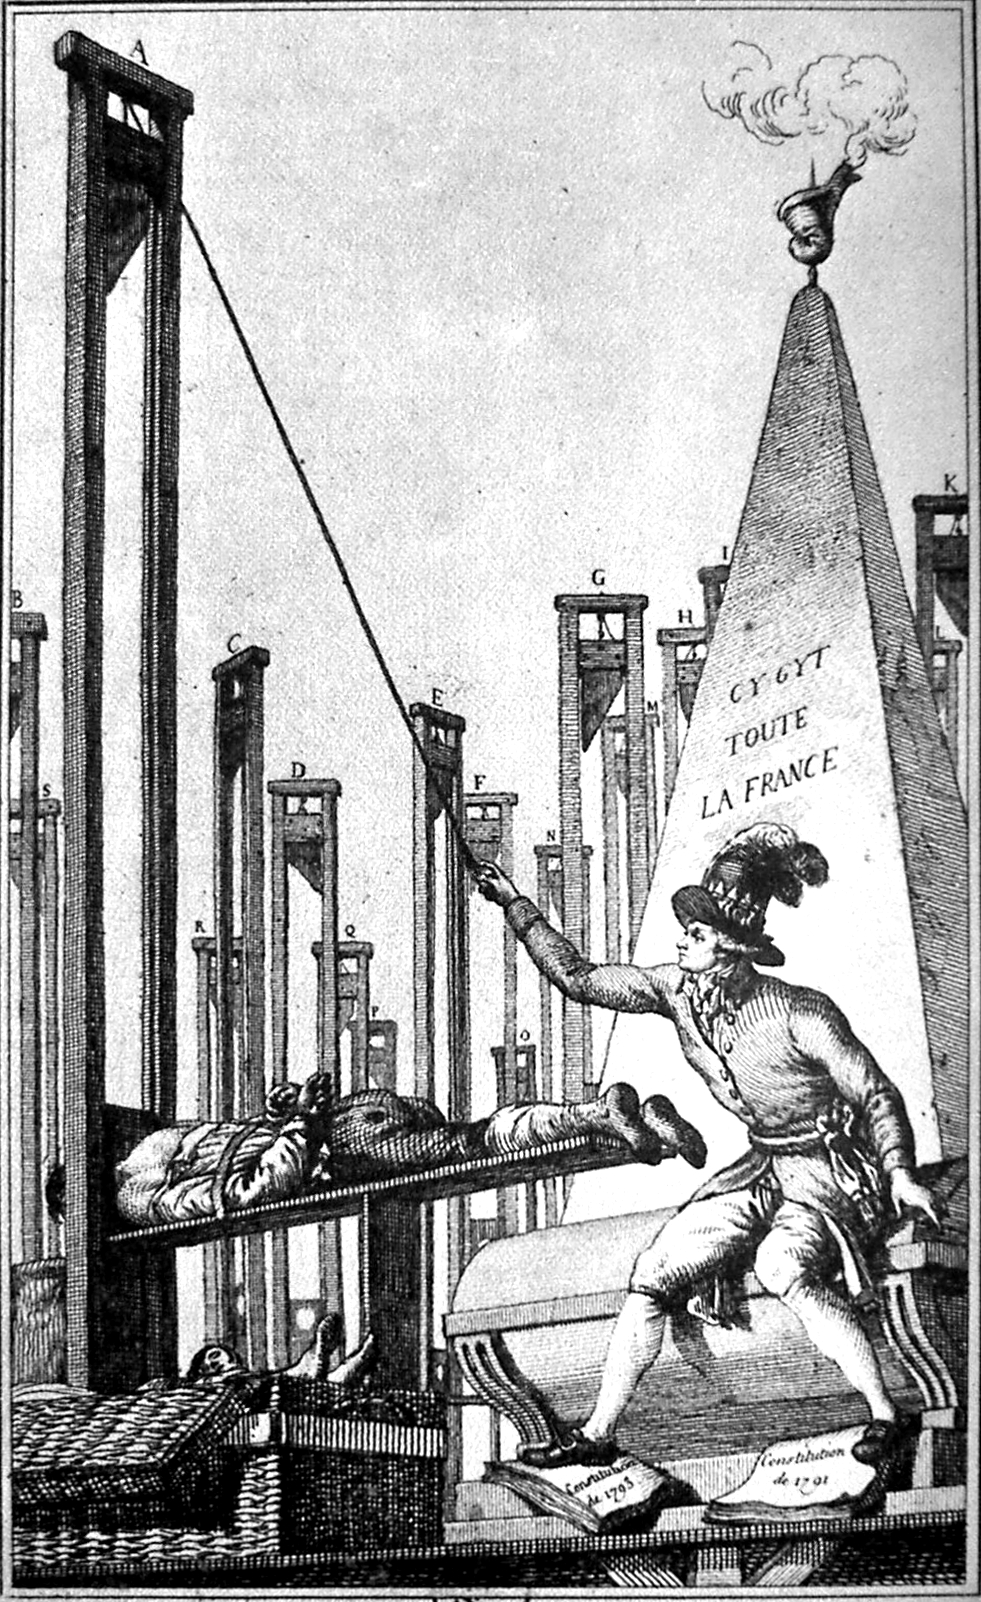 Robespierre guillotinant le bourreau après avoir exécuté toute la France   un exemple de caricature à